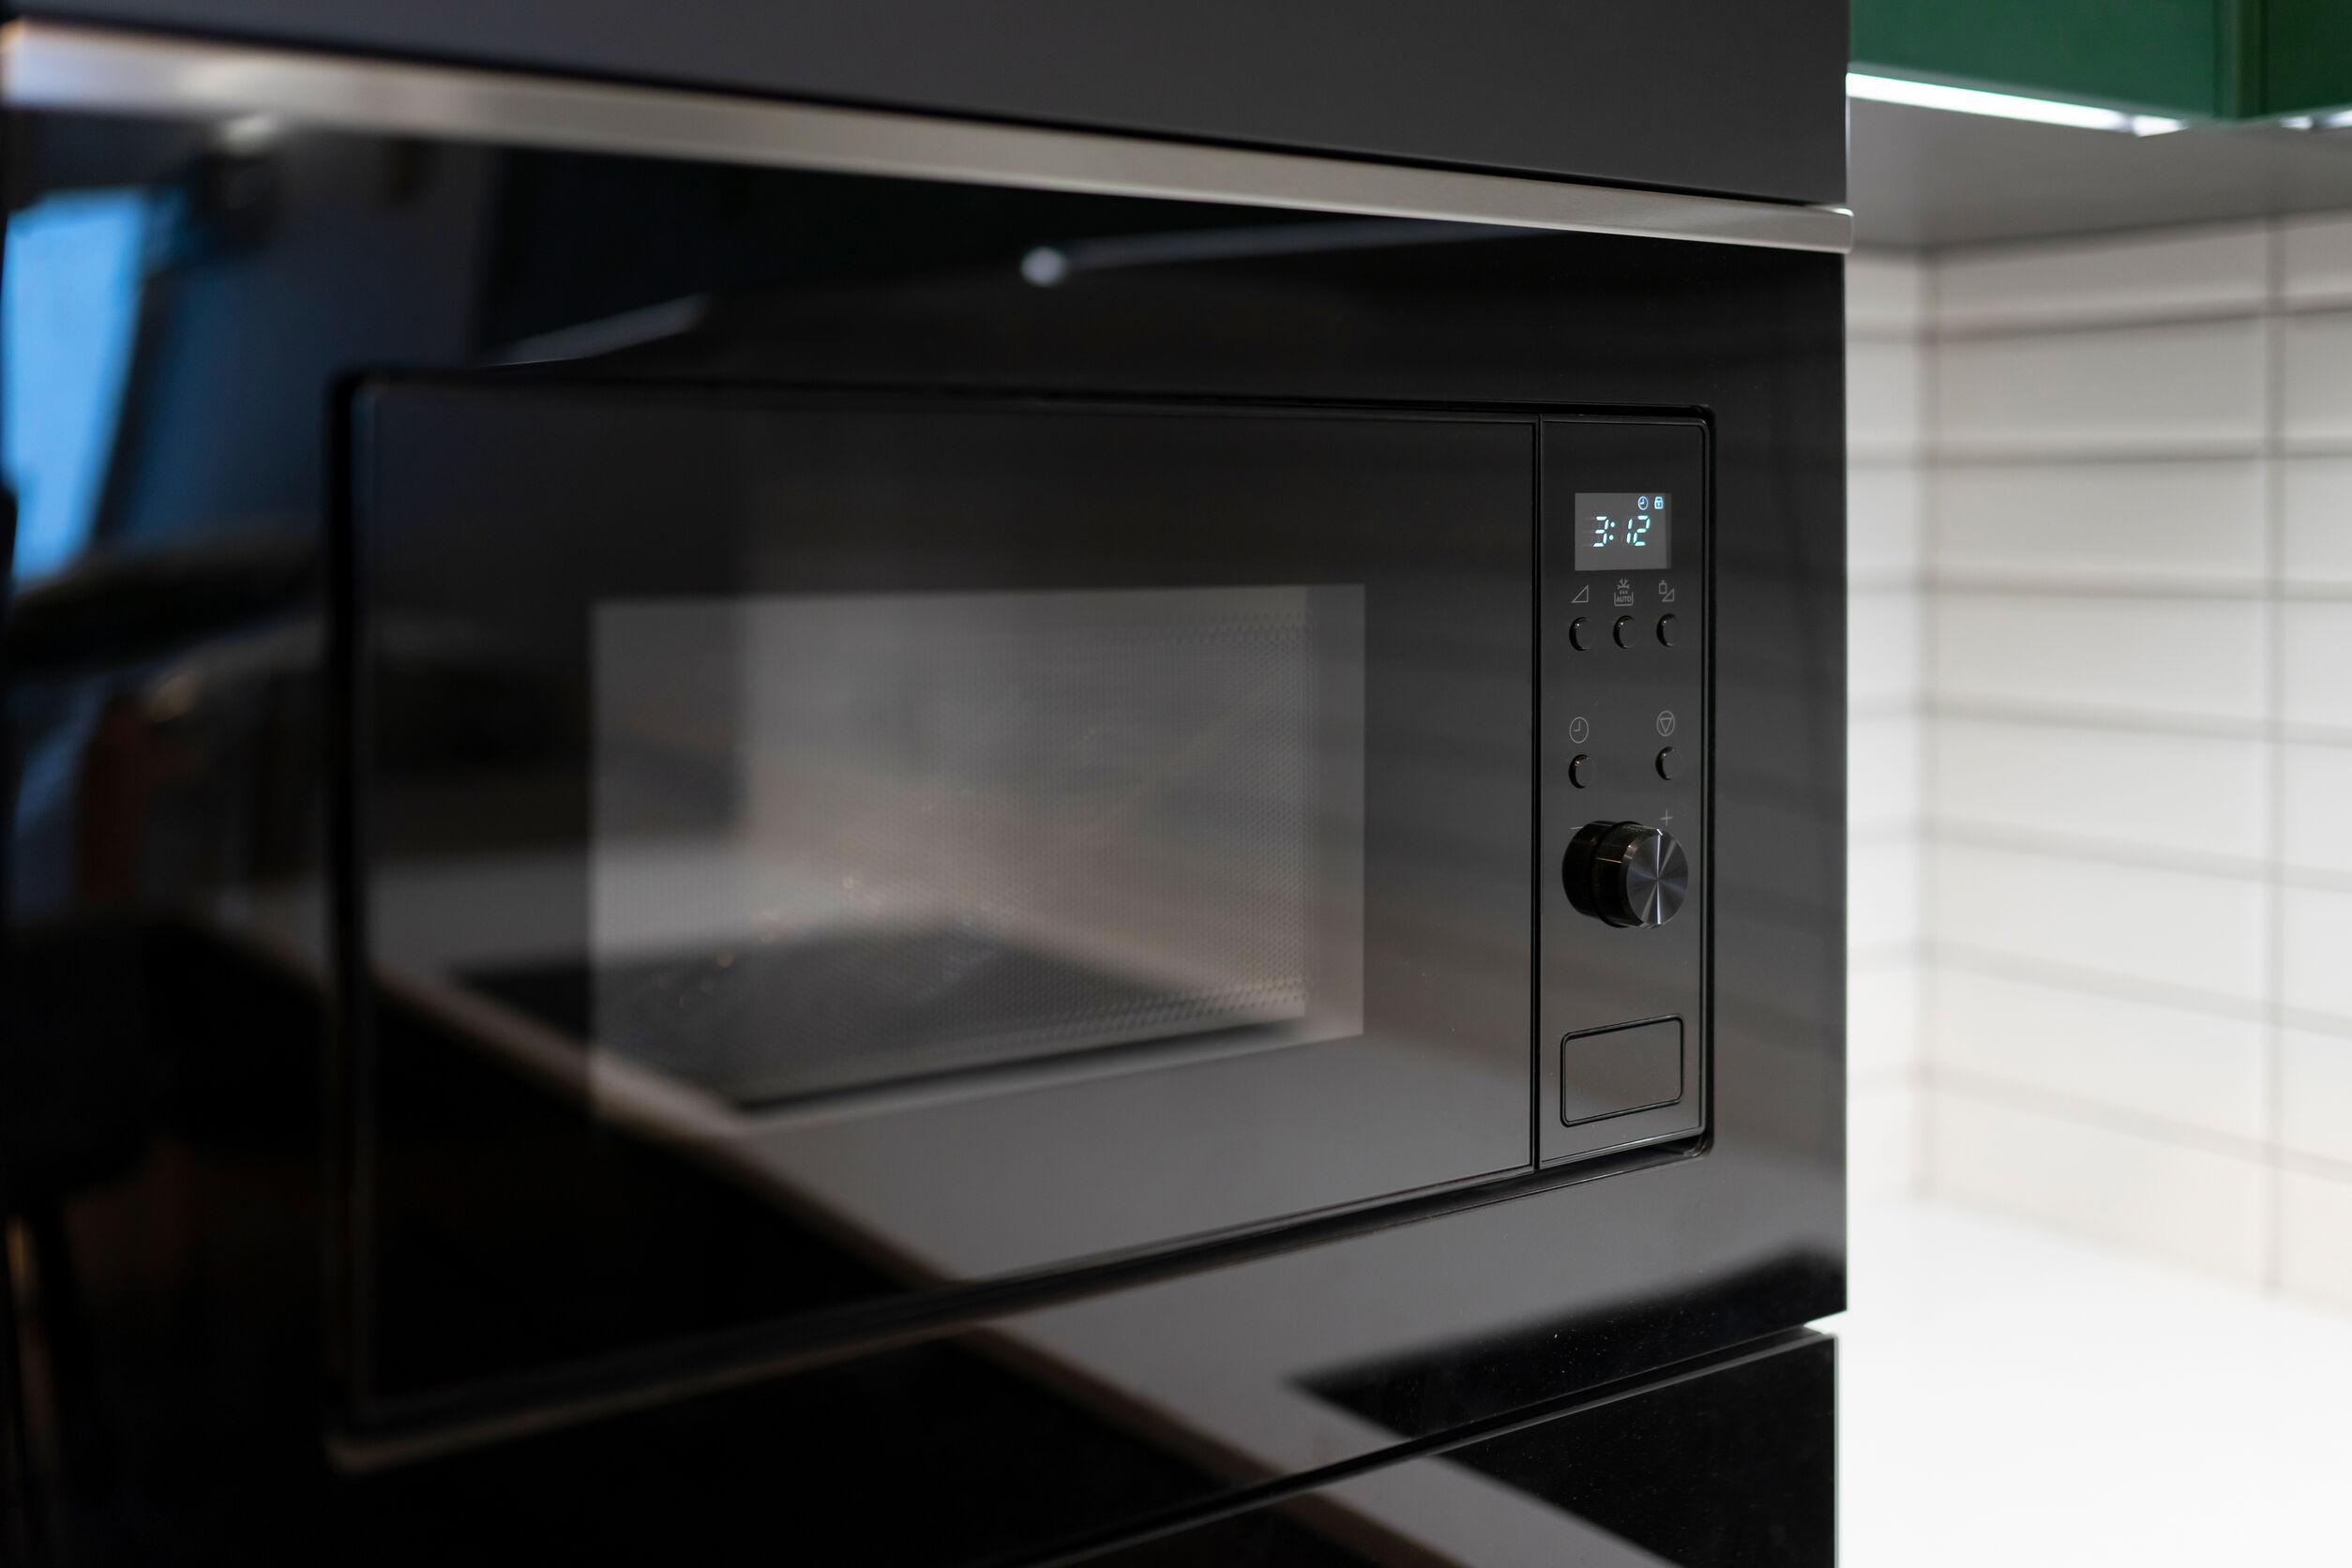 Microondas empotrado en cocina moderna